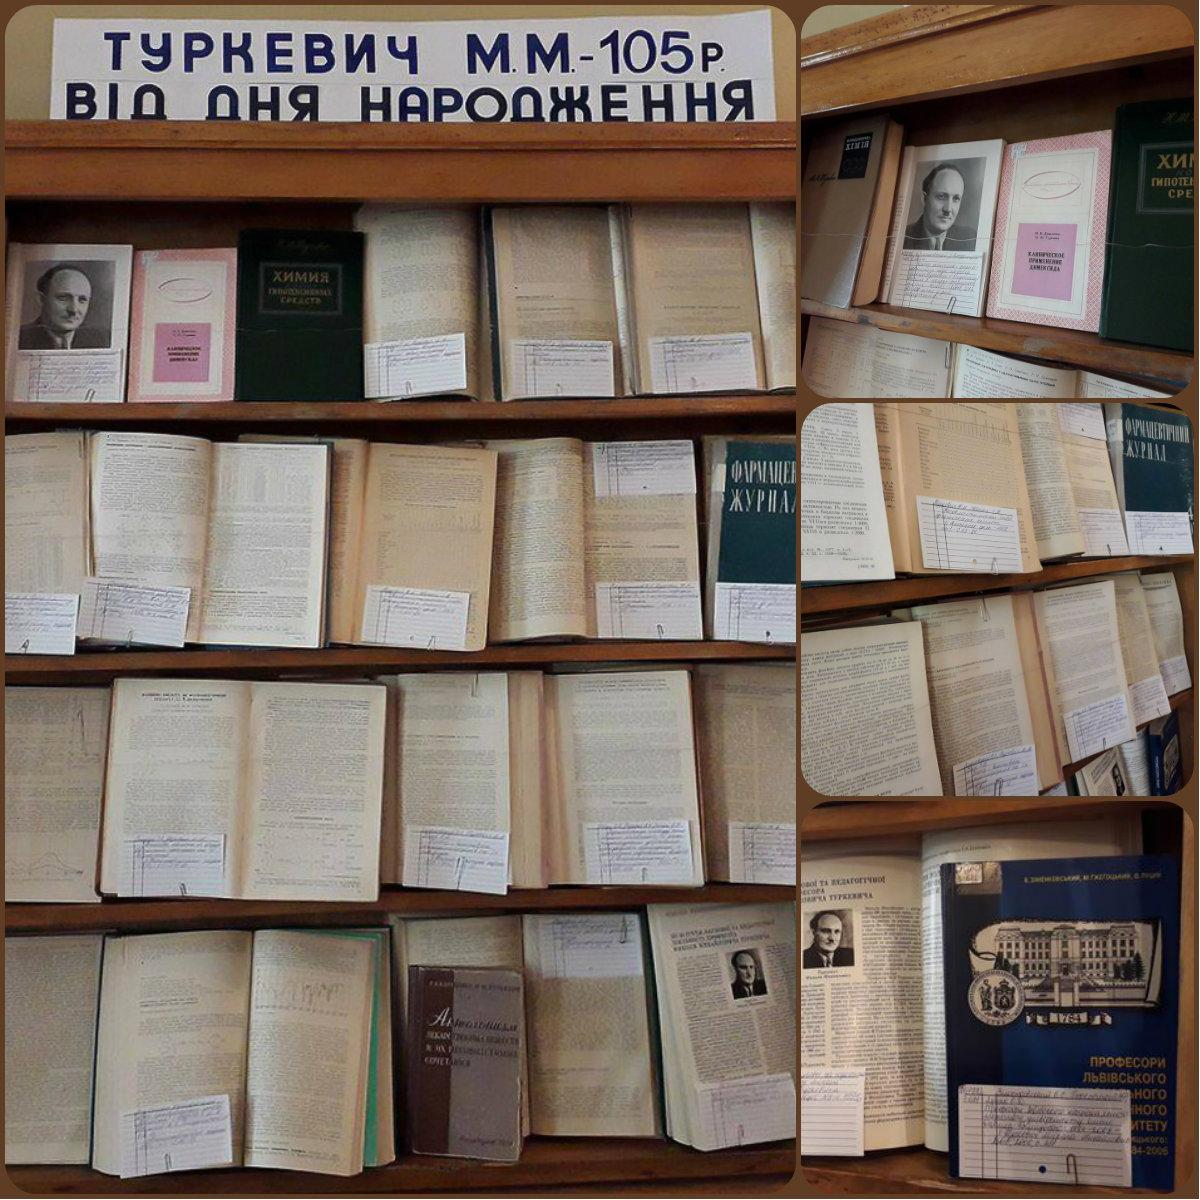 Книжкова виставка, присвячена ювілею професора М. М. Туркевича, відкрита у загальному читальному залі Наукової бібліотеки